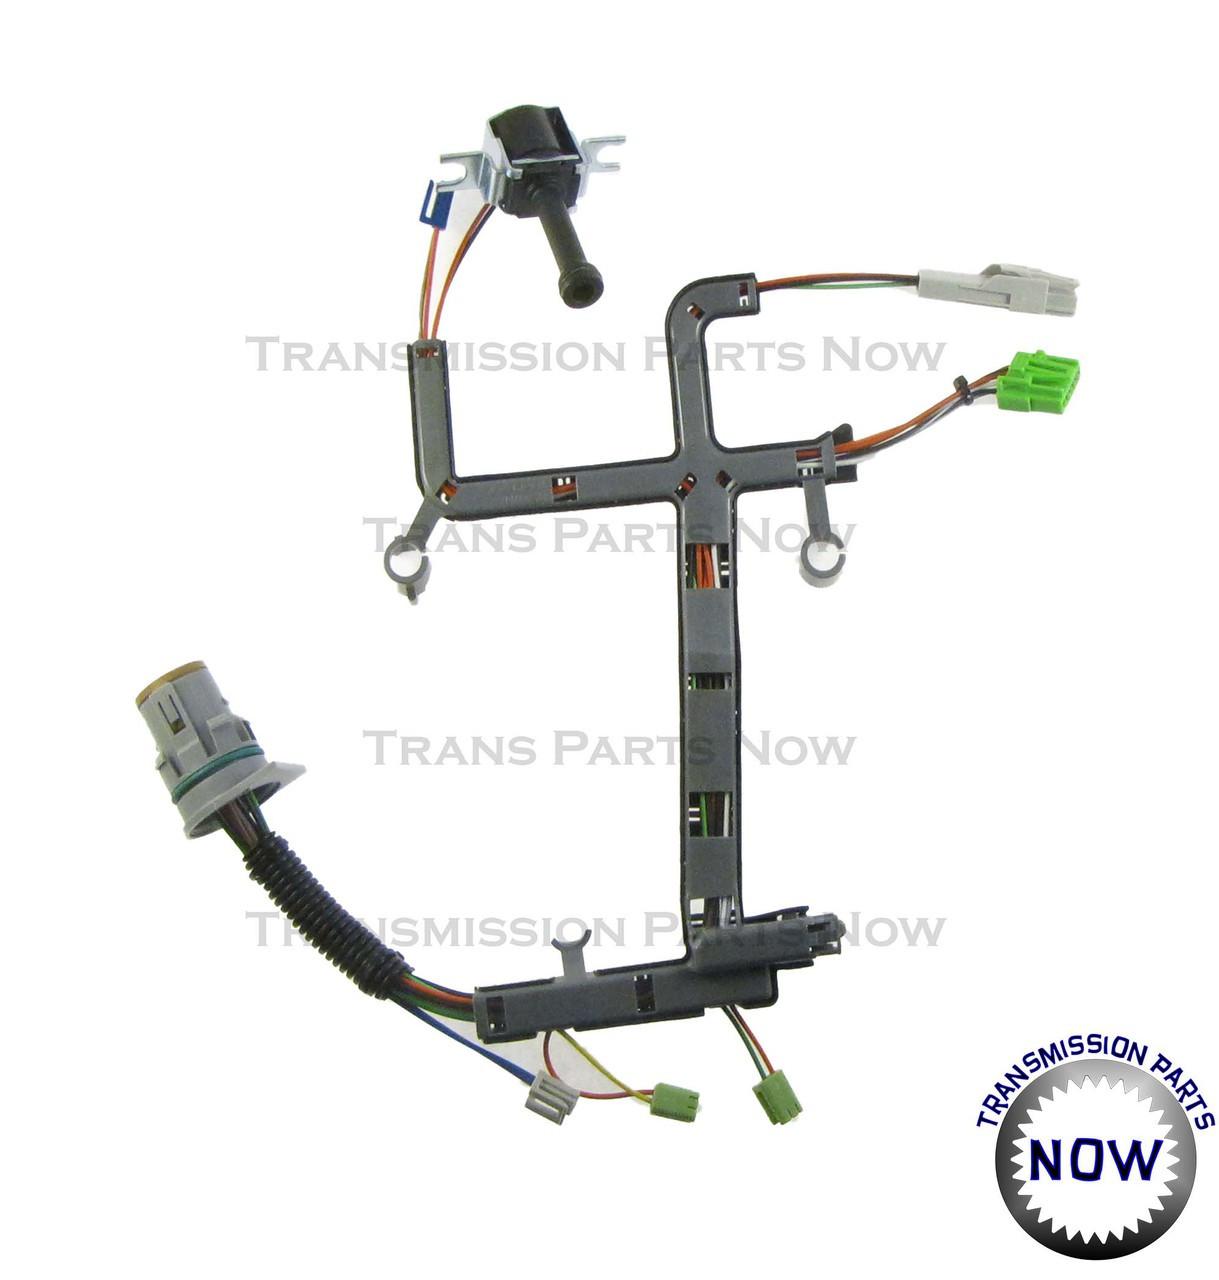 rostra 350 0152 4l65e 4l70e 2009 2012 wiring harness ford mustang transmission wiring harness 2009 2012 internal transmission wiring 4l65 70e rostra 51869t